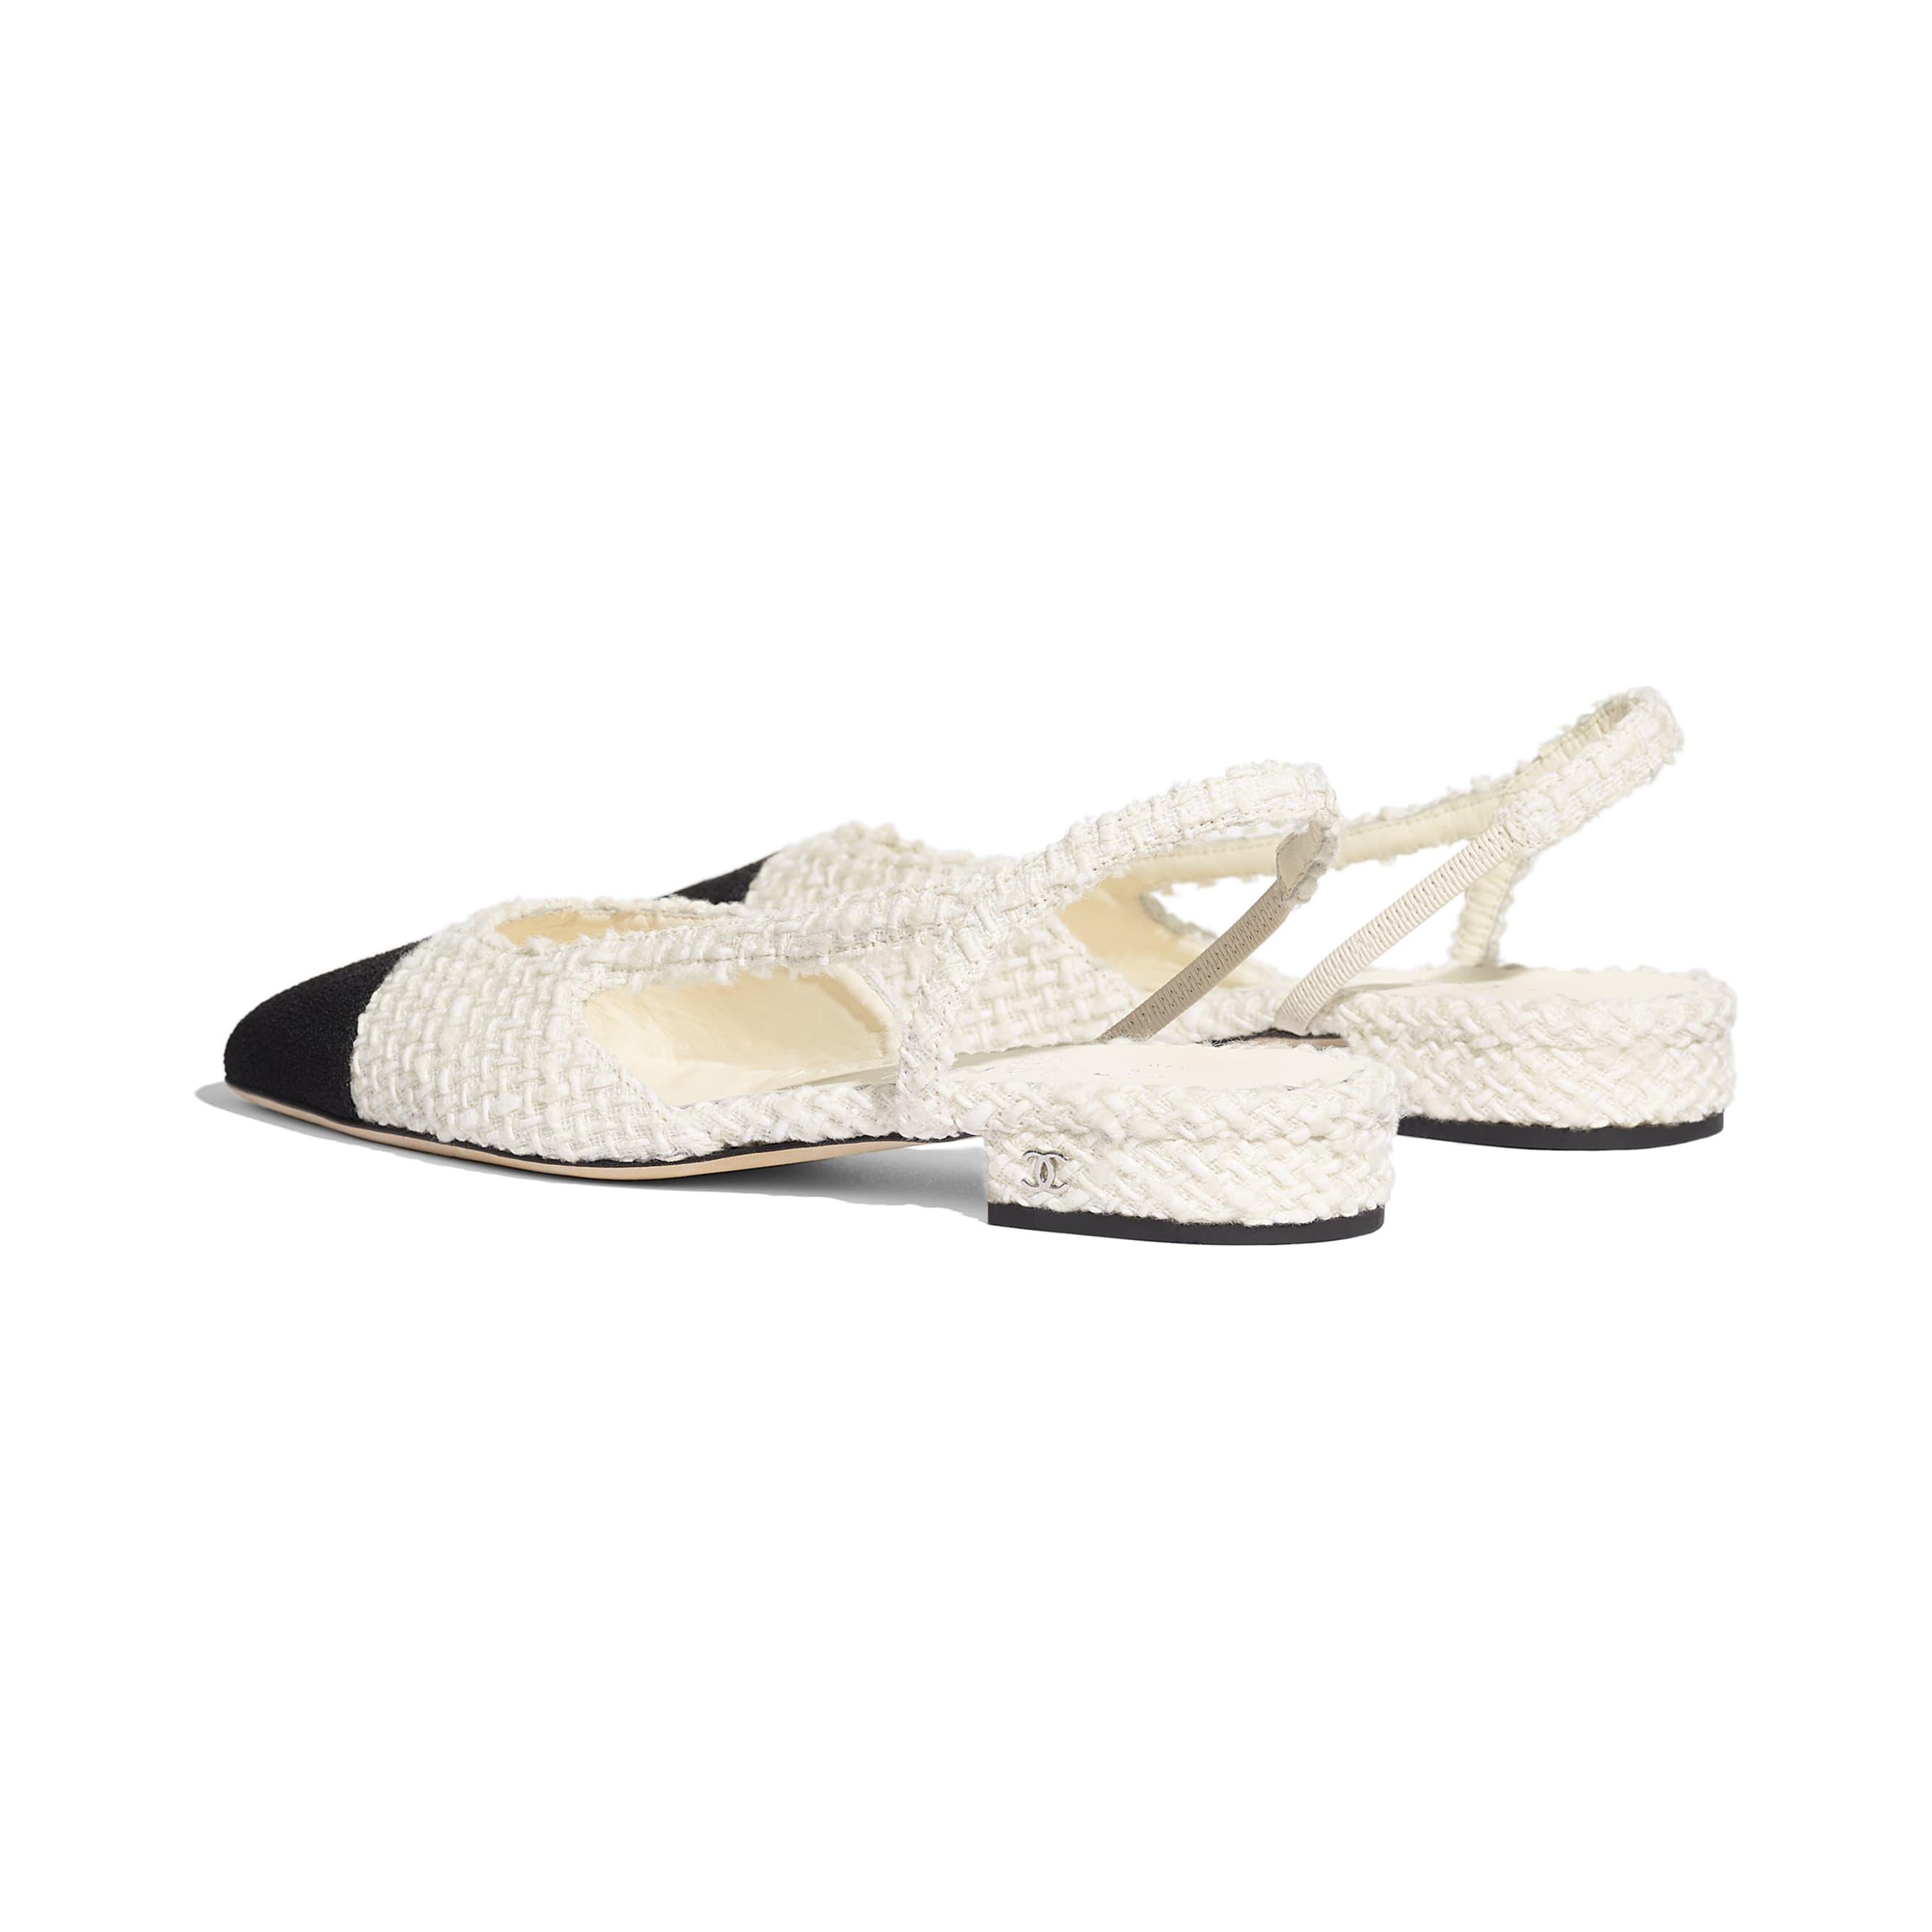 รองเท้าแบบมีสายรัดด้านหลัง - สีขาวและสีดำ - ผ้าวูลทวีต - มุมมองอื่น - ดูเวอร์ชันขนาดมาตรฐาน